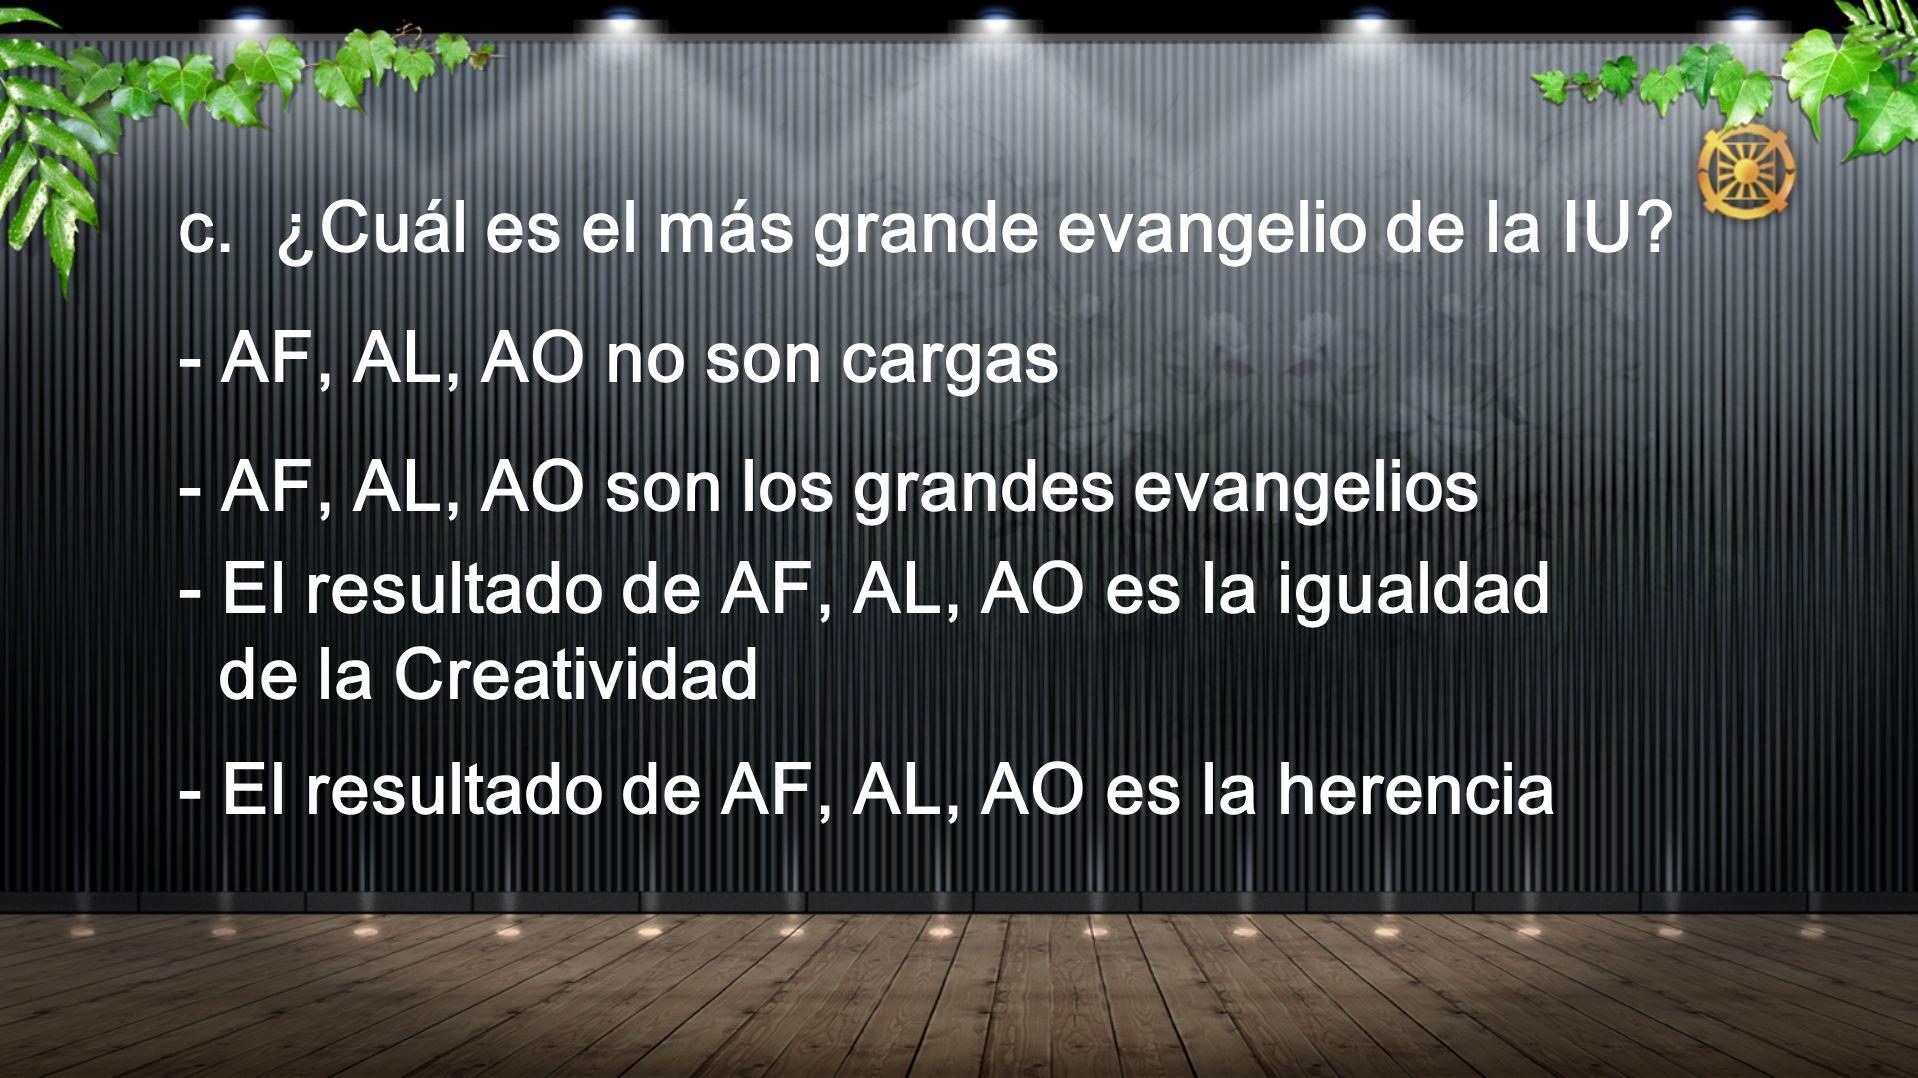 c. ¿Cuál es el más grande evangelio de la IU? - AF, AL, AO no son cargas - AF, AL, AO son los grandes evangelios - El resultado de AF, AL, AO es la ig